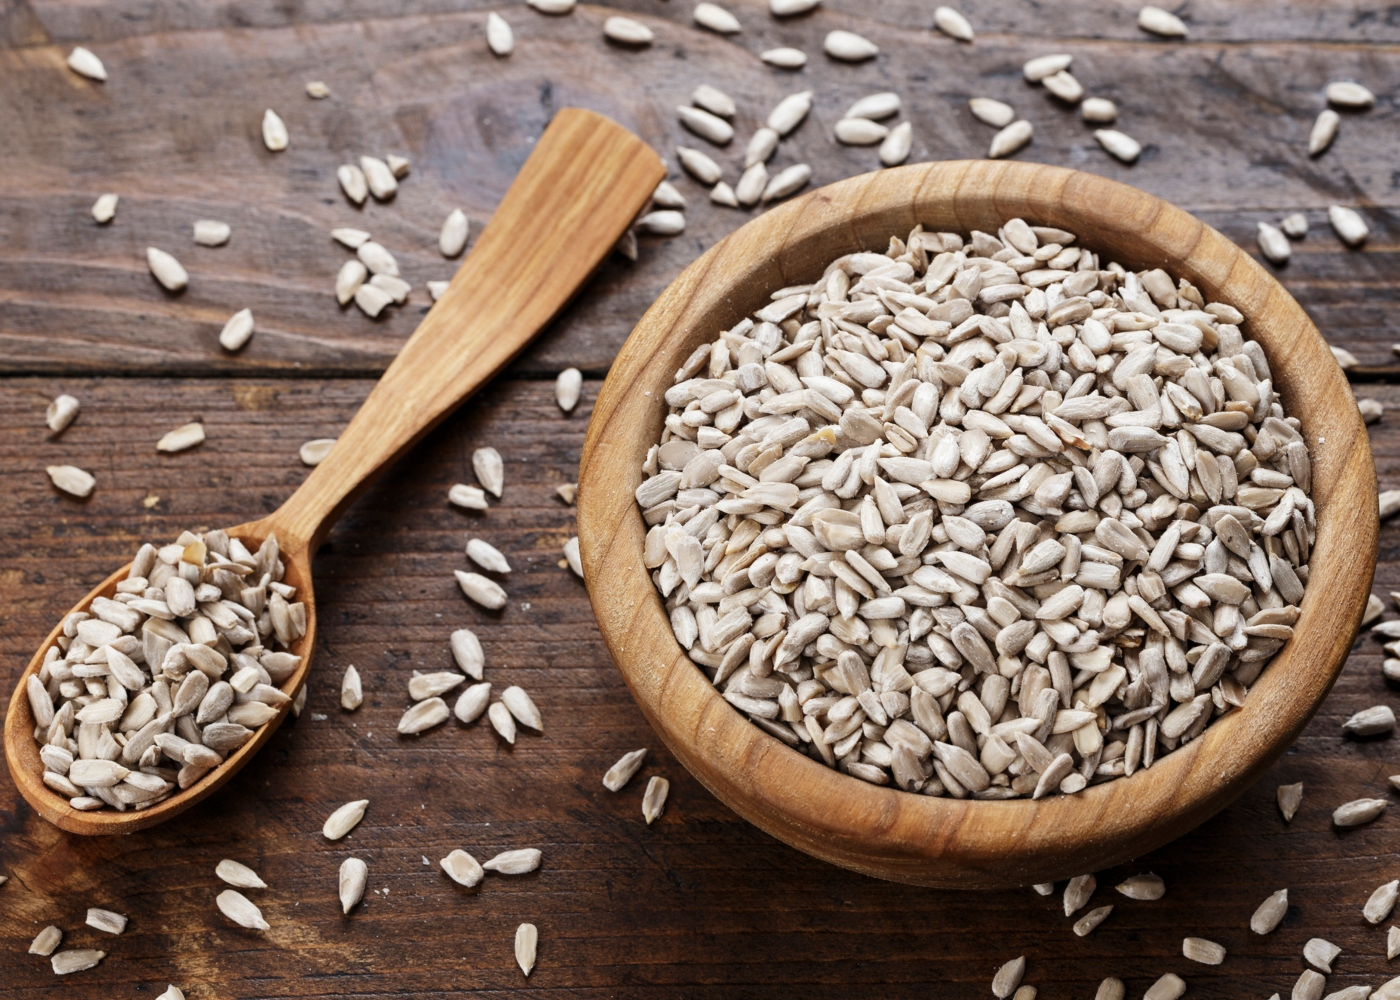 Taça com sementes de girassol descascadas